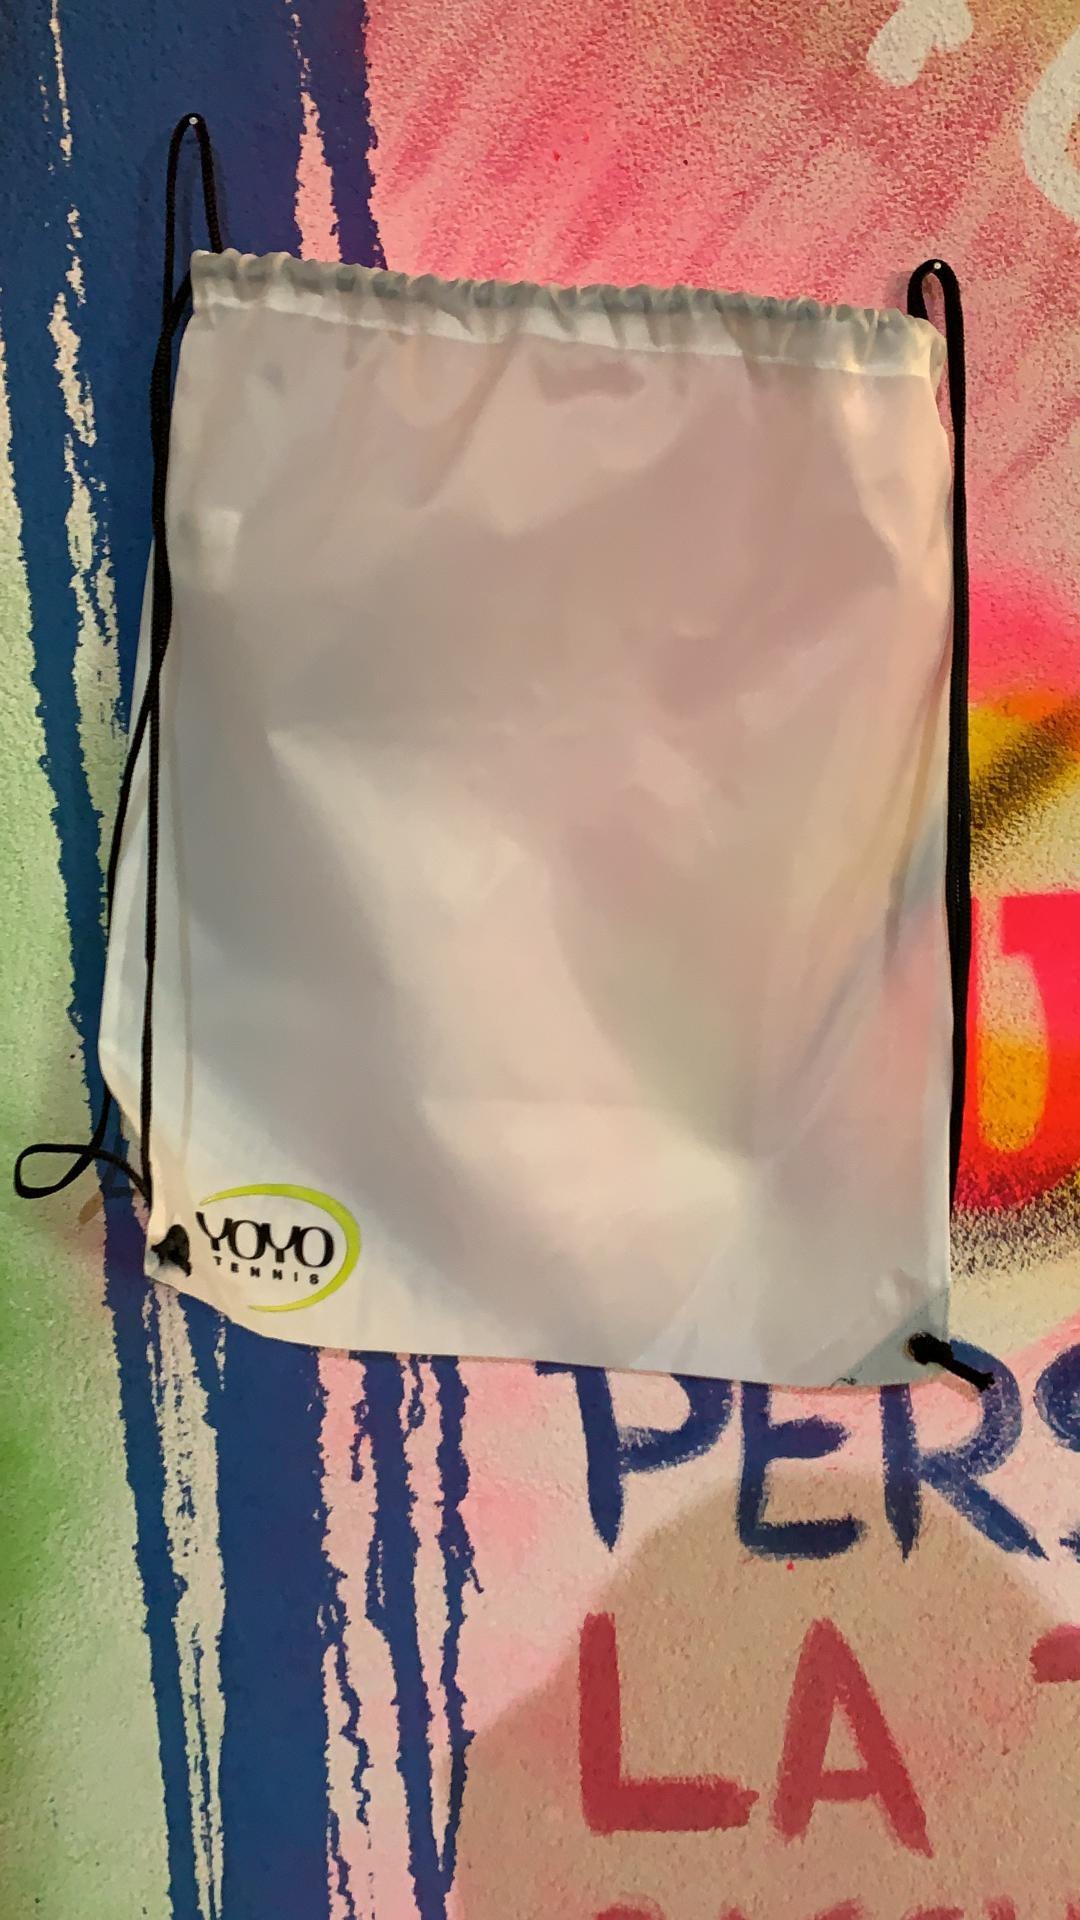 YOYO-TENNIS Sacchetto Bianco